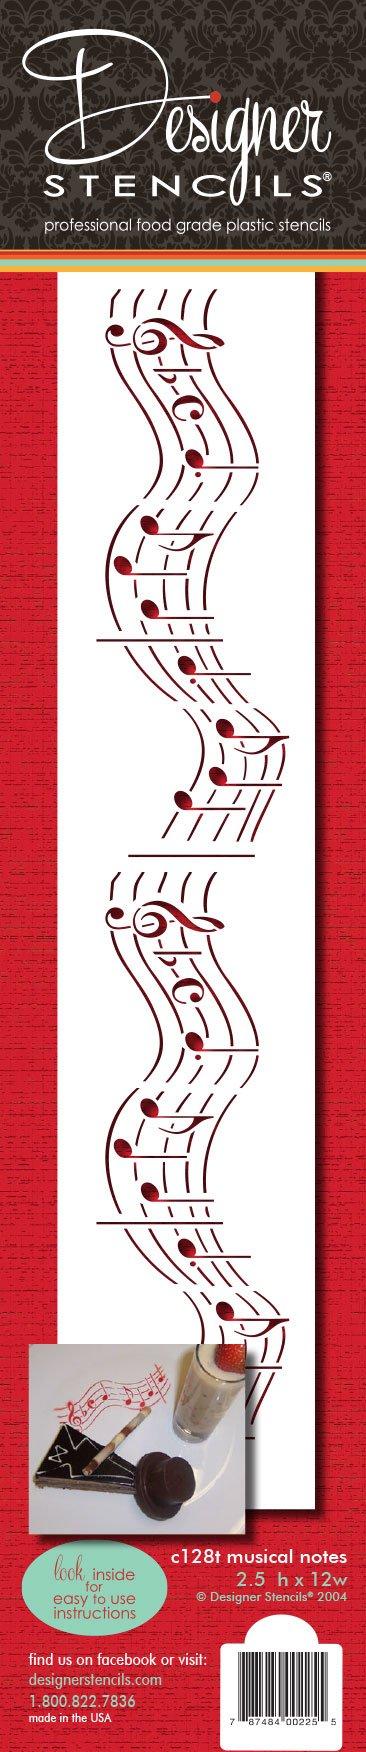 Designer Stencils C128T Musical Notes Cake Stencil, 12'', Beige/Semi-Transparent by Designer Stencils